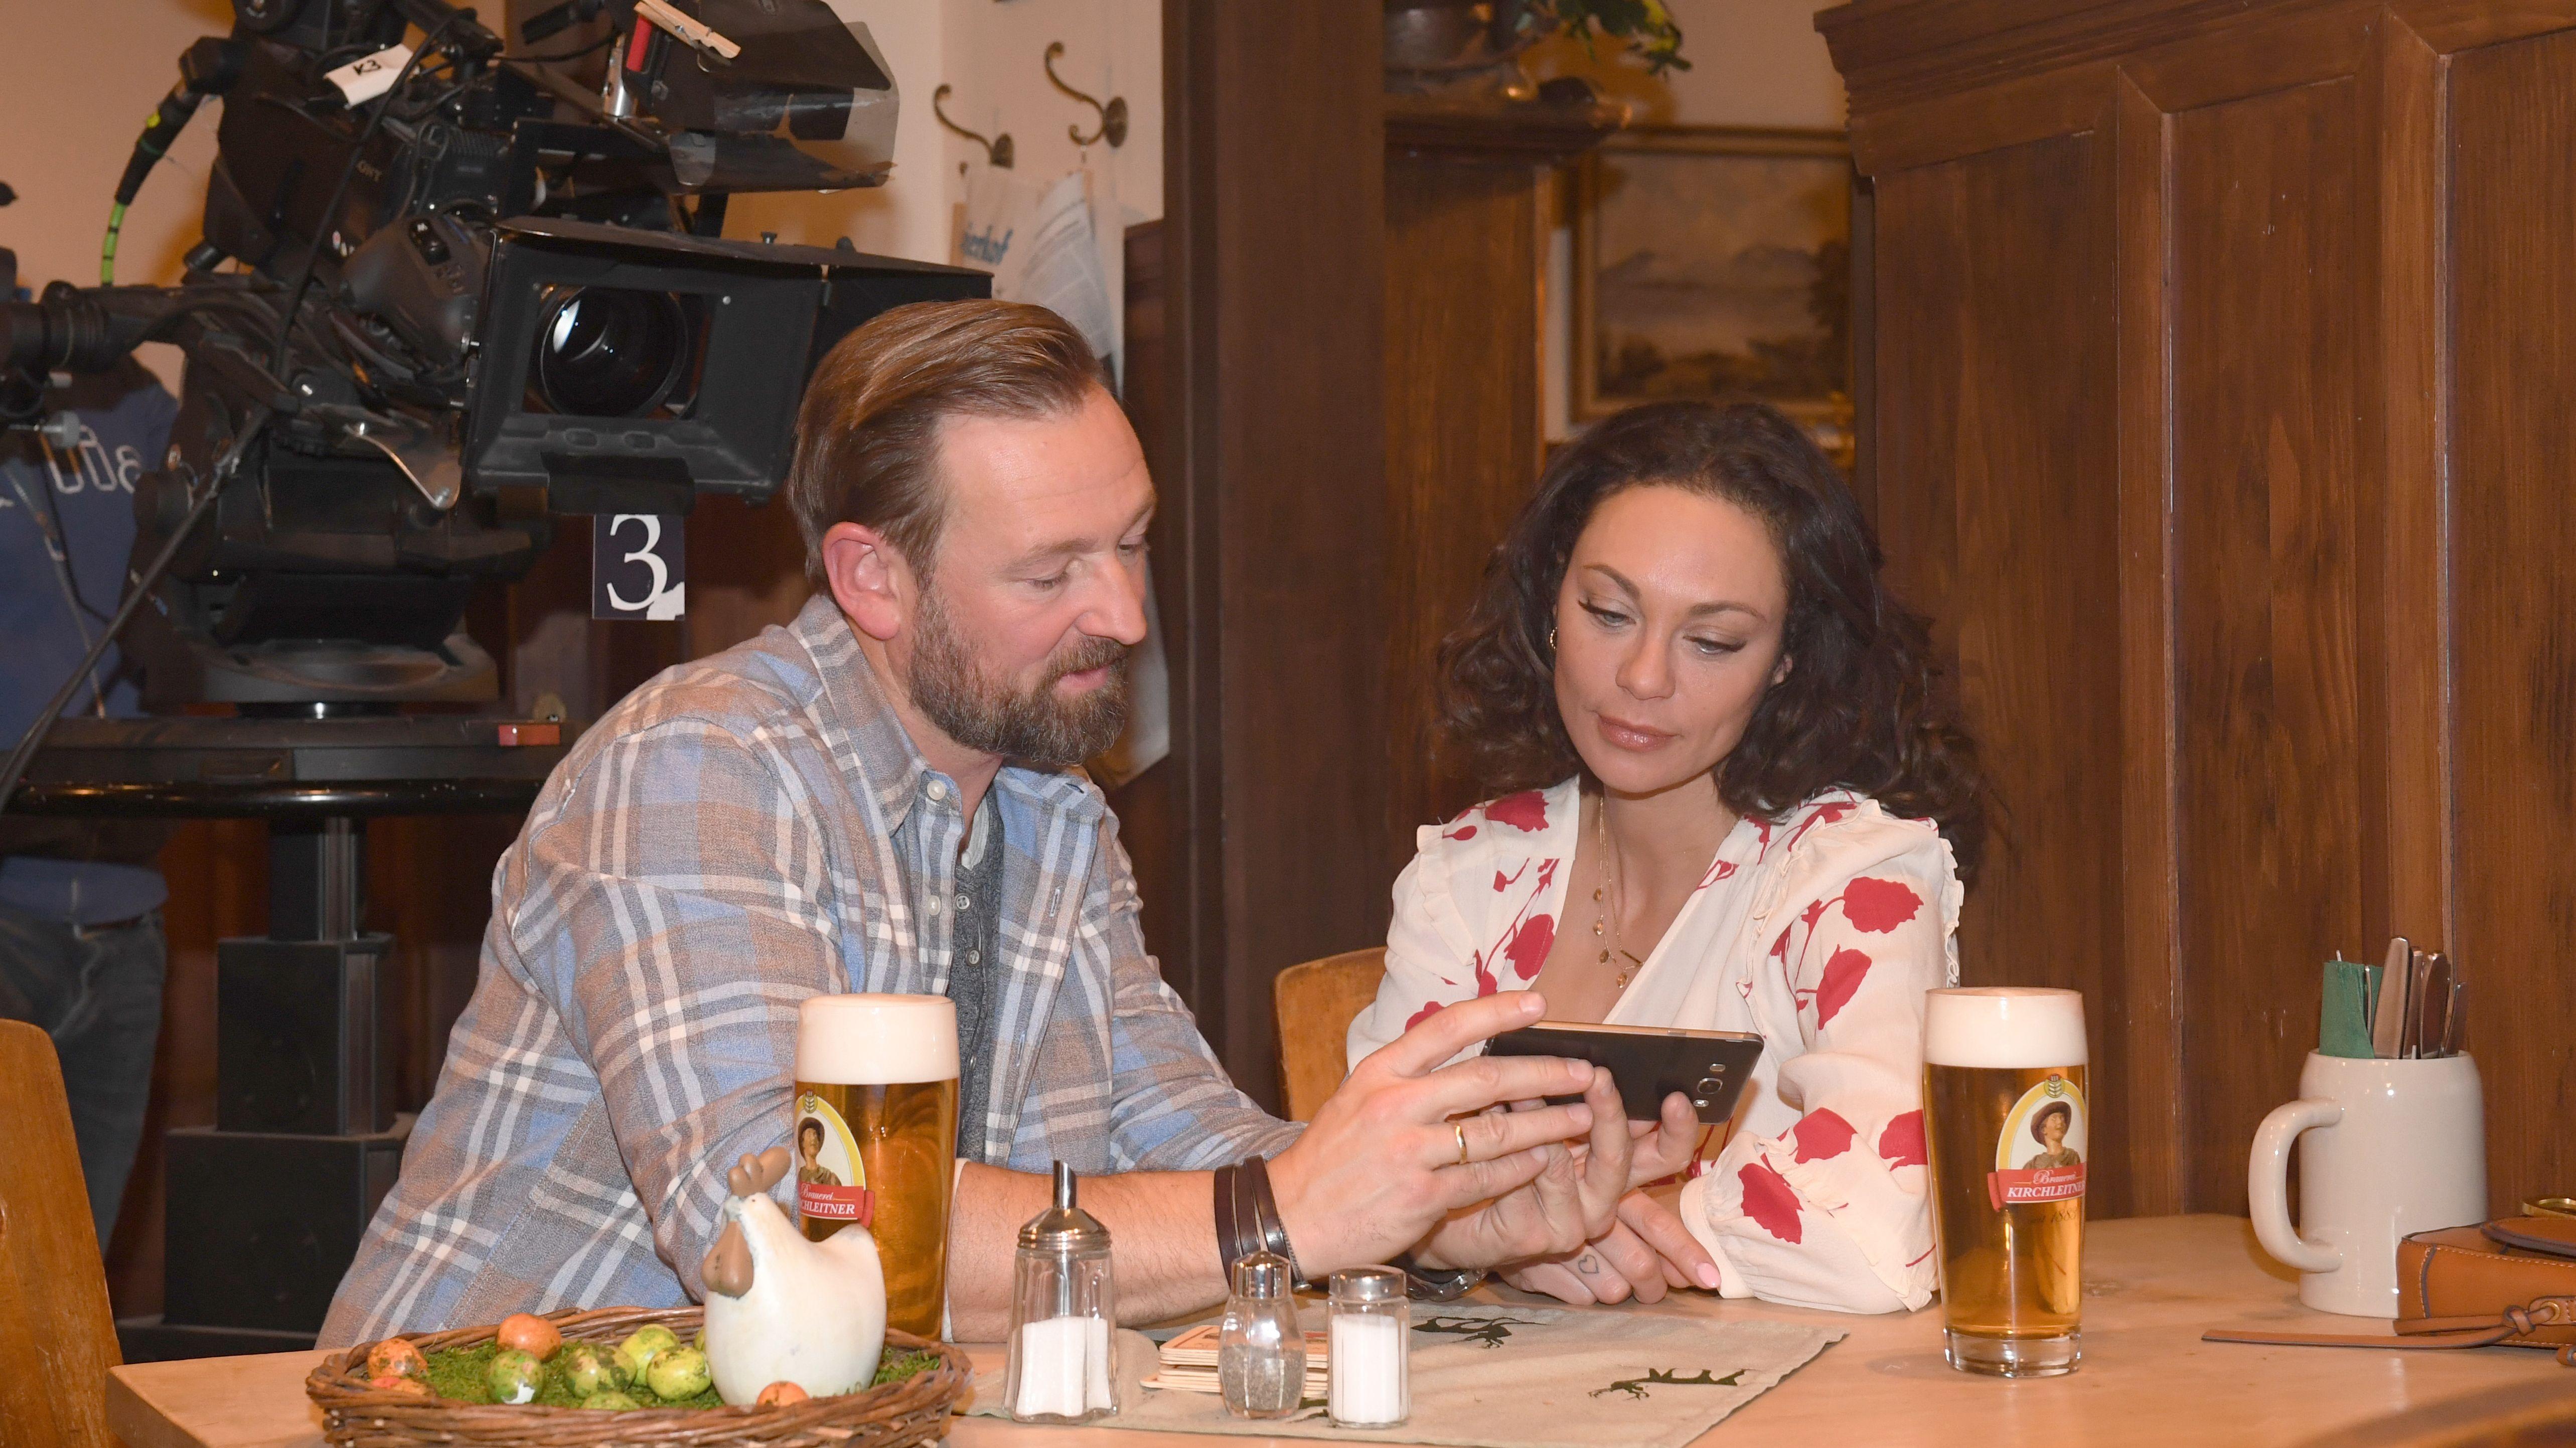 Schauspieler Holger M. Wilhelm und Lilly Becker am Set.